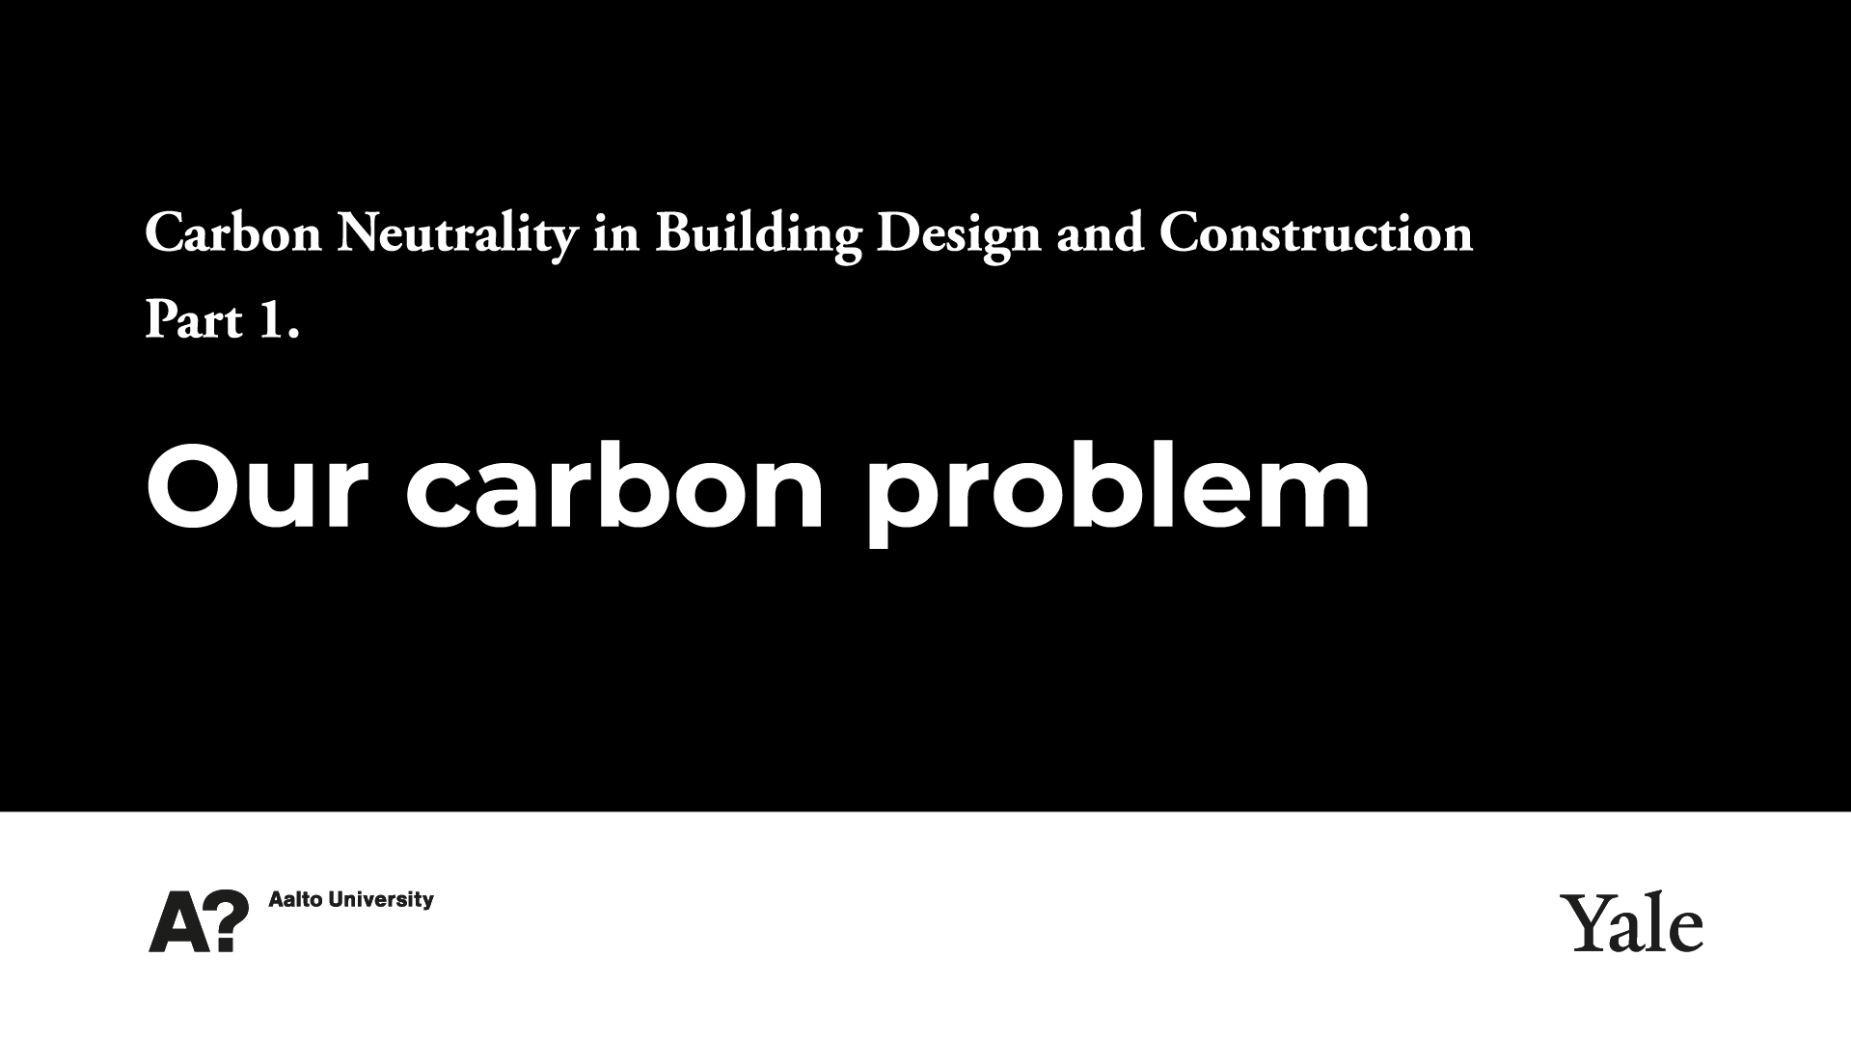 1- Our Carbon Problem